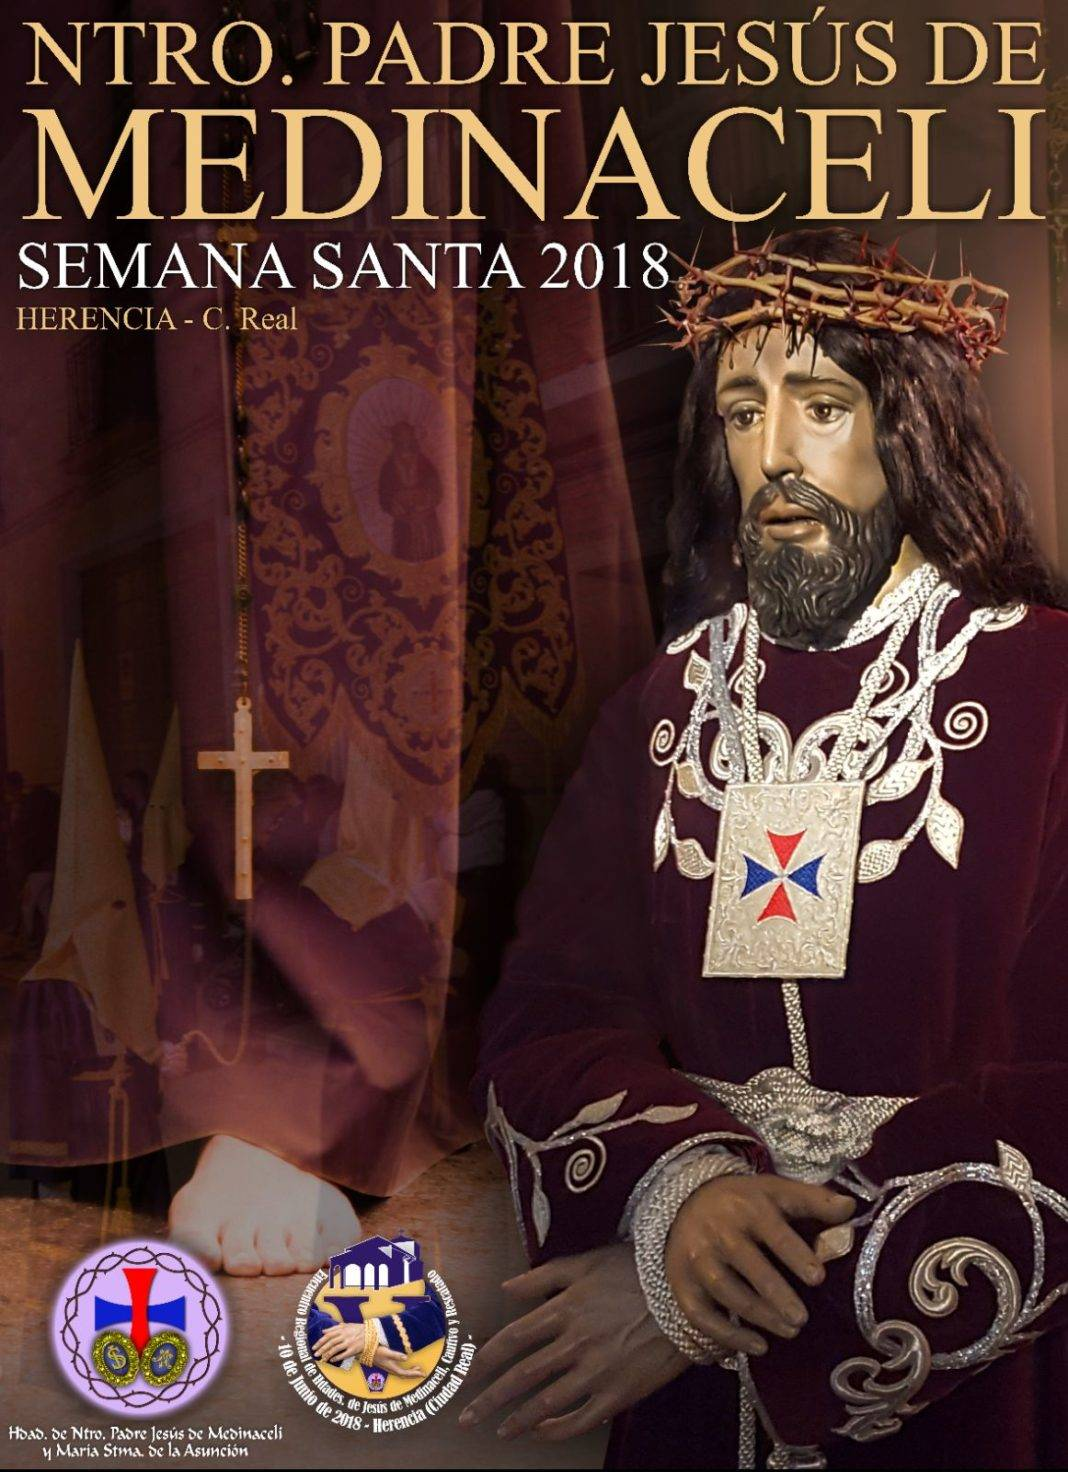 Cartel estacion de penitencia jesus de medinaceli 2018 herencia 1068x1472 - Cartel y recorrido de Jesús de Medinaceli en su estación de penitencia el Jueves Santo